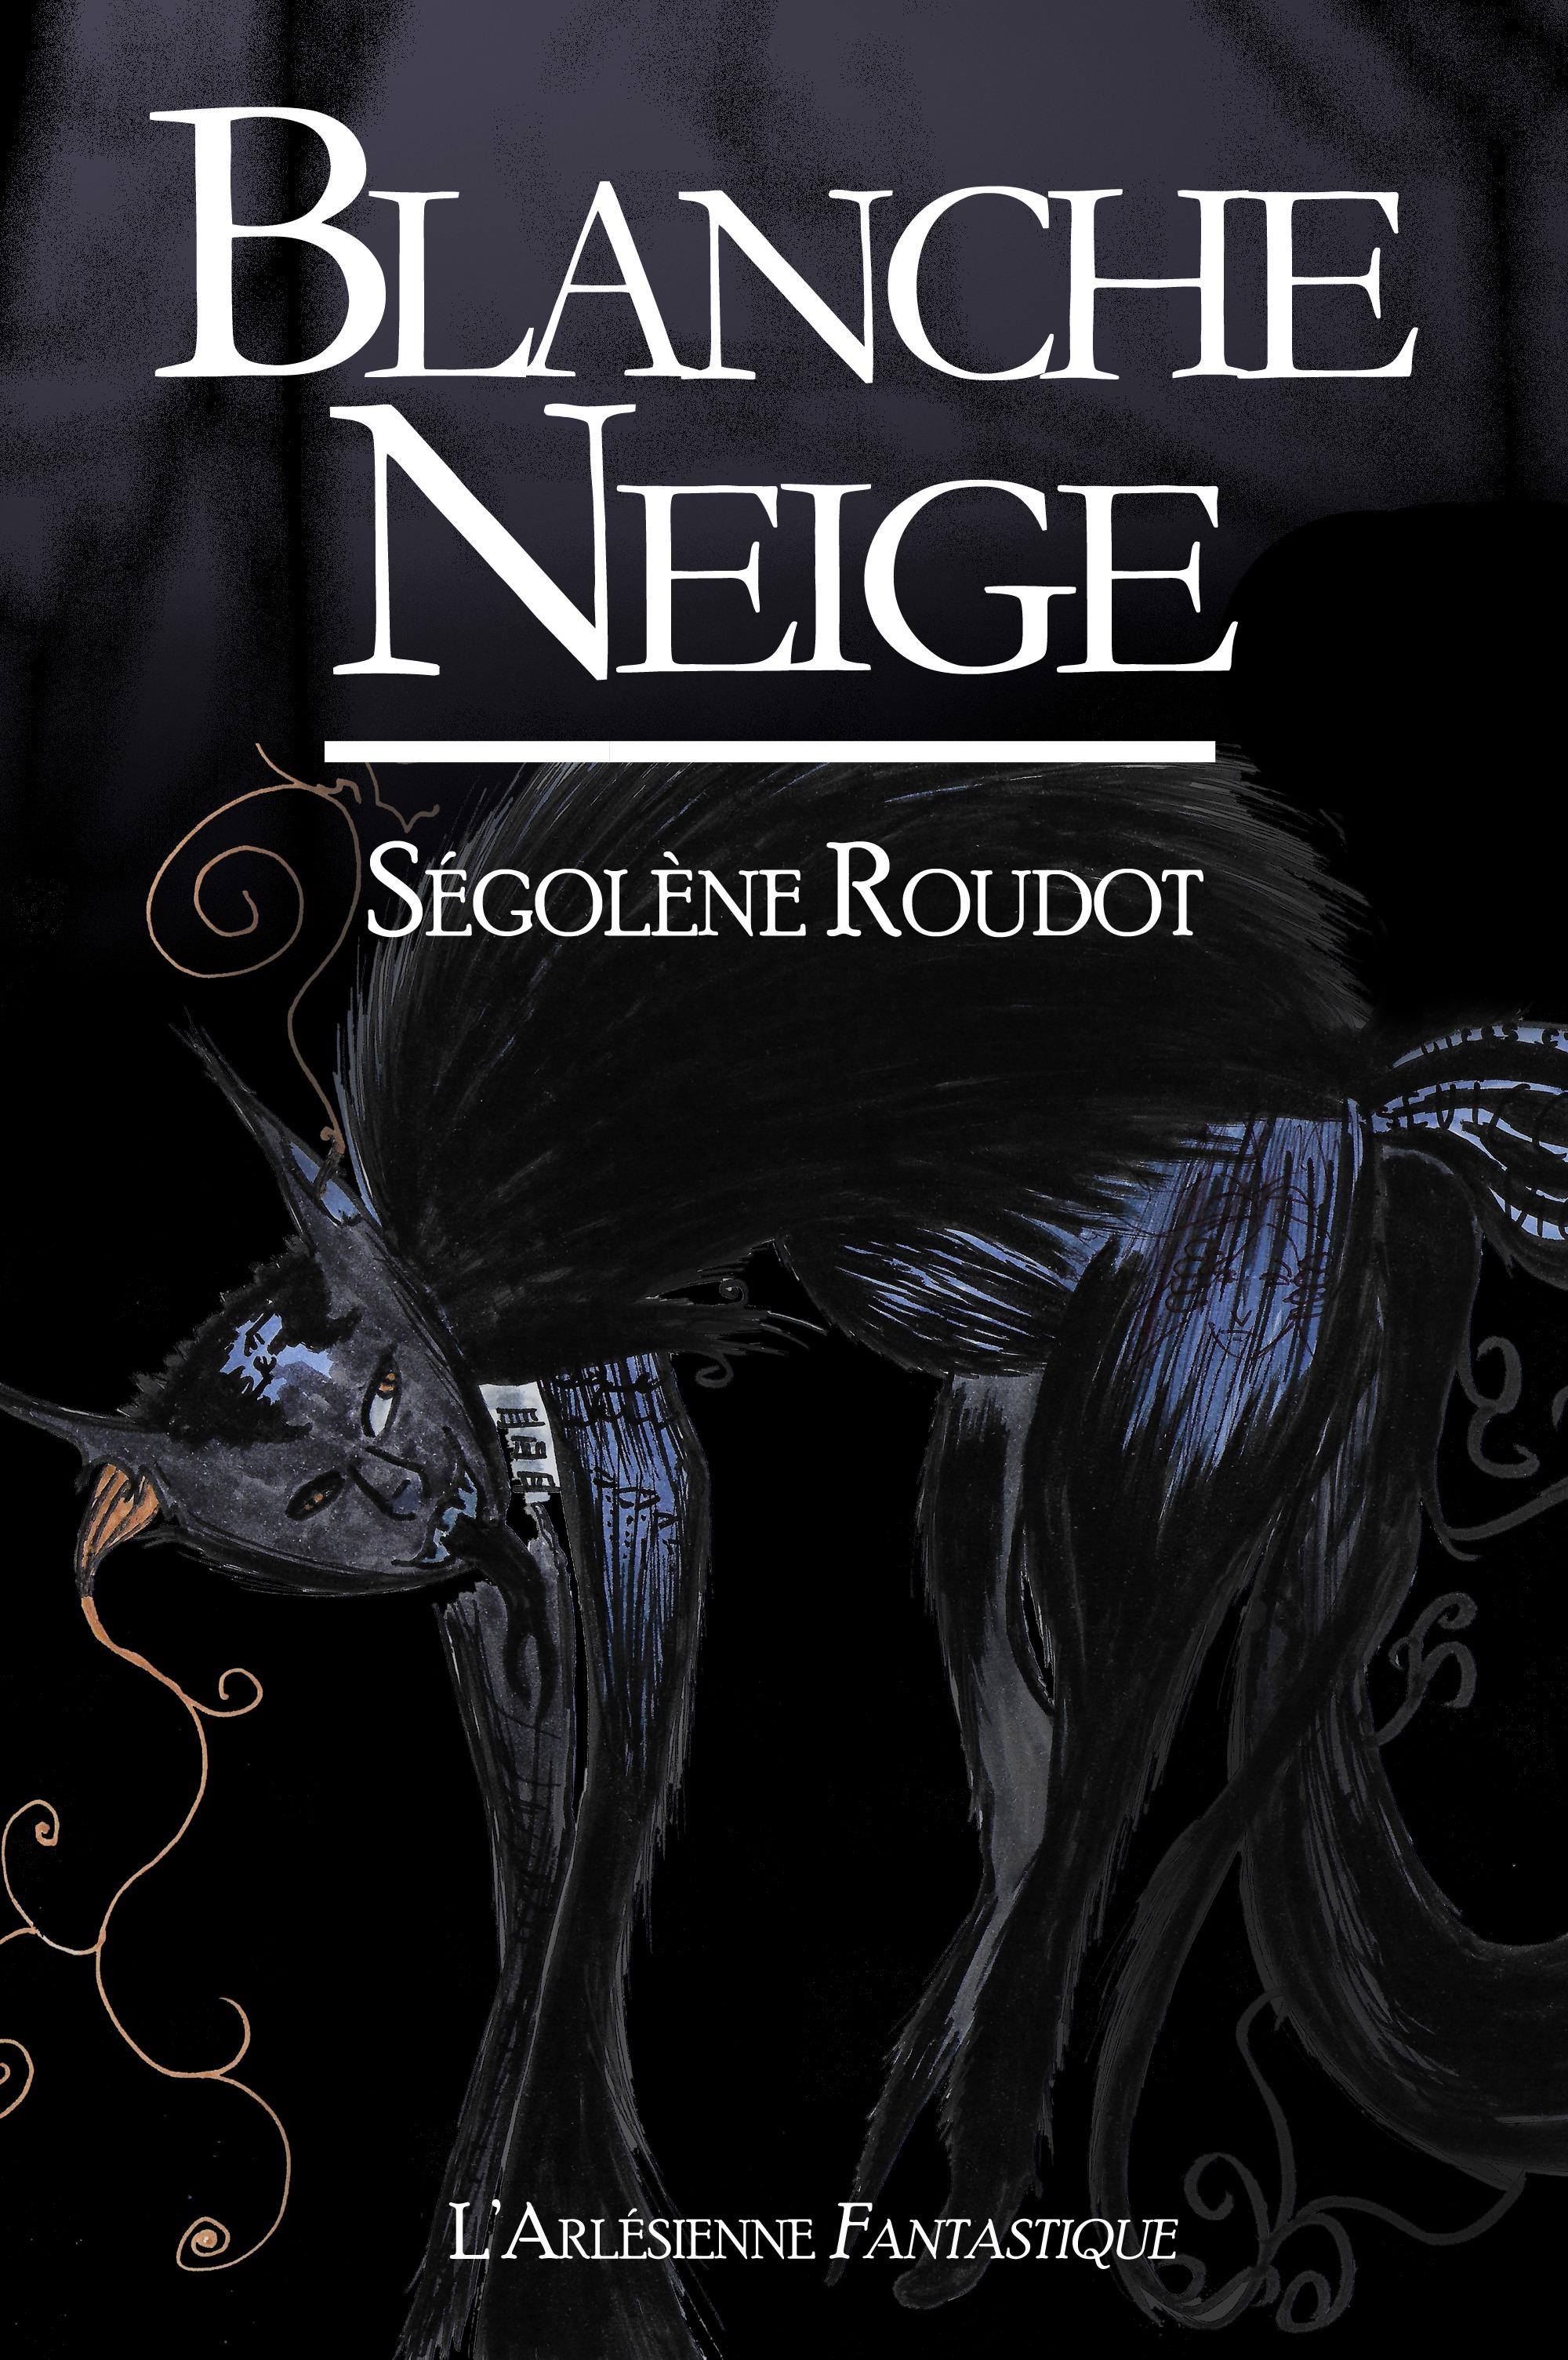 Blanche Neige, NOUVELLE